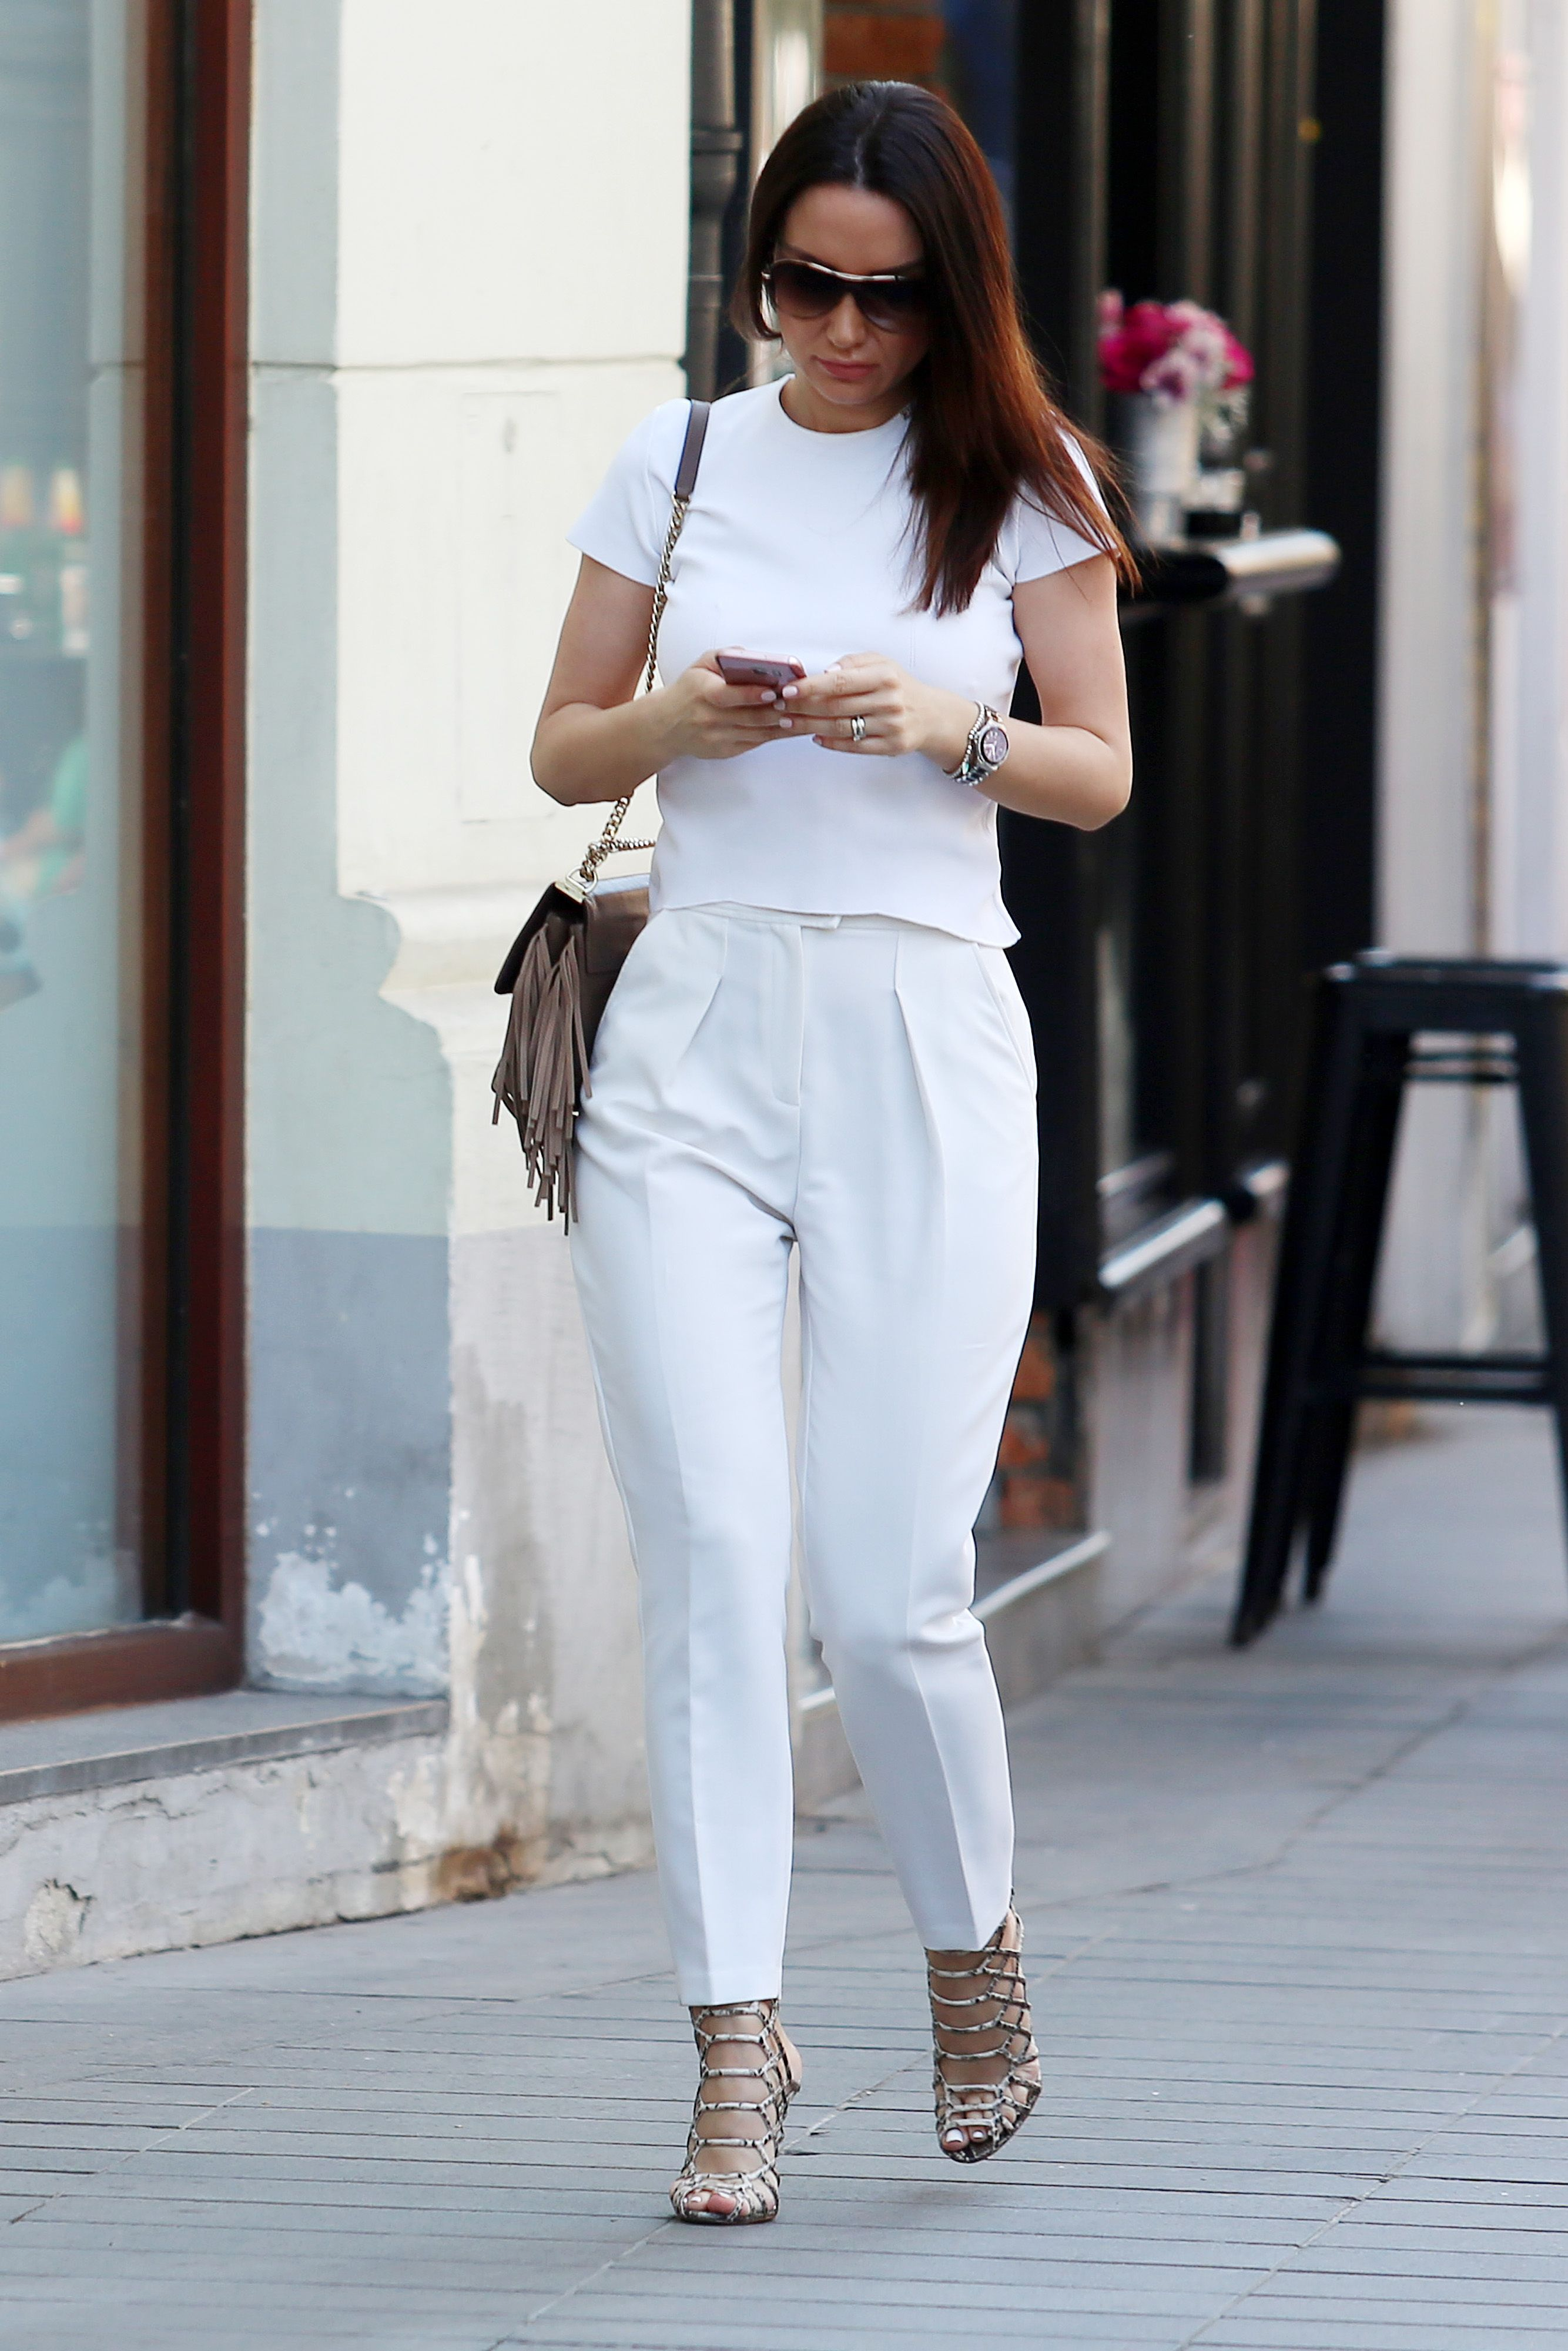 Zanosna brineta u business hlačama izgleda baš zavodljivo - istražili smo gdje kupiti slične!